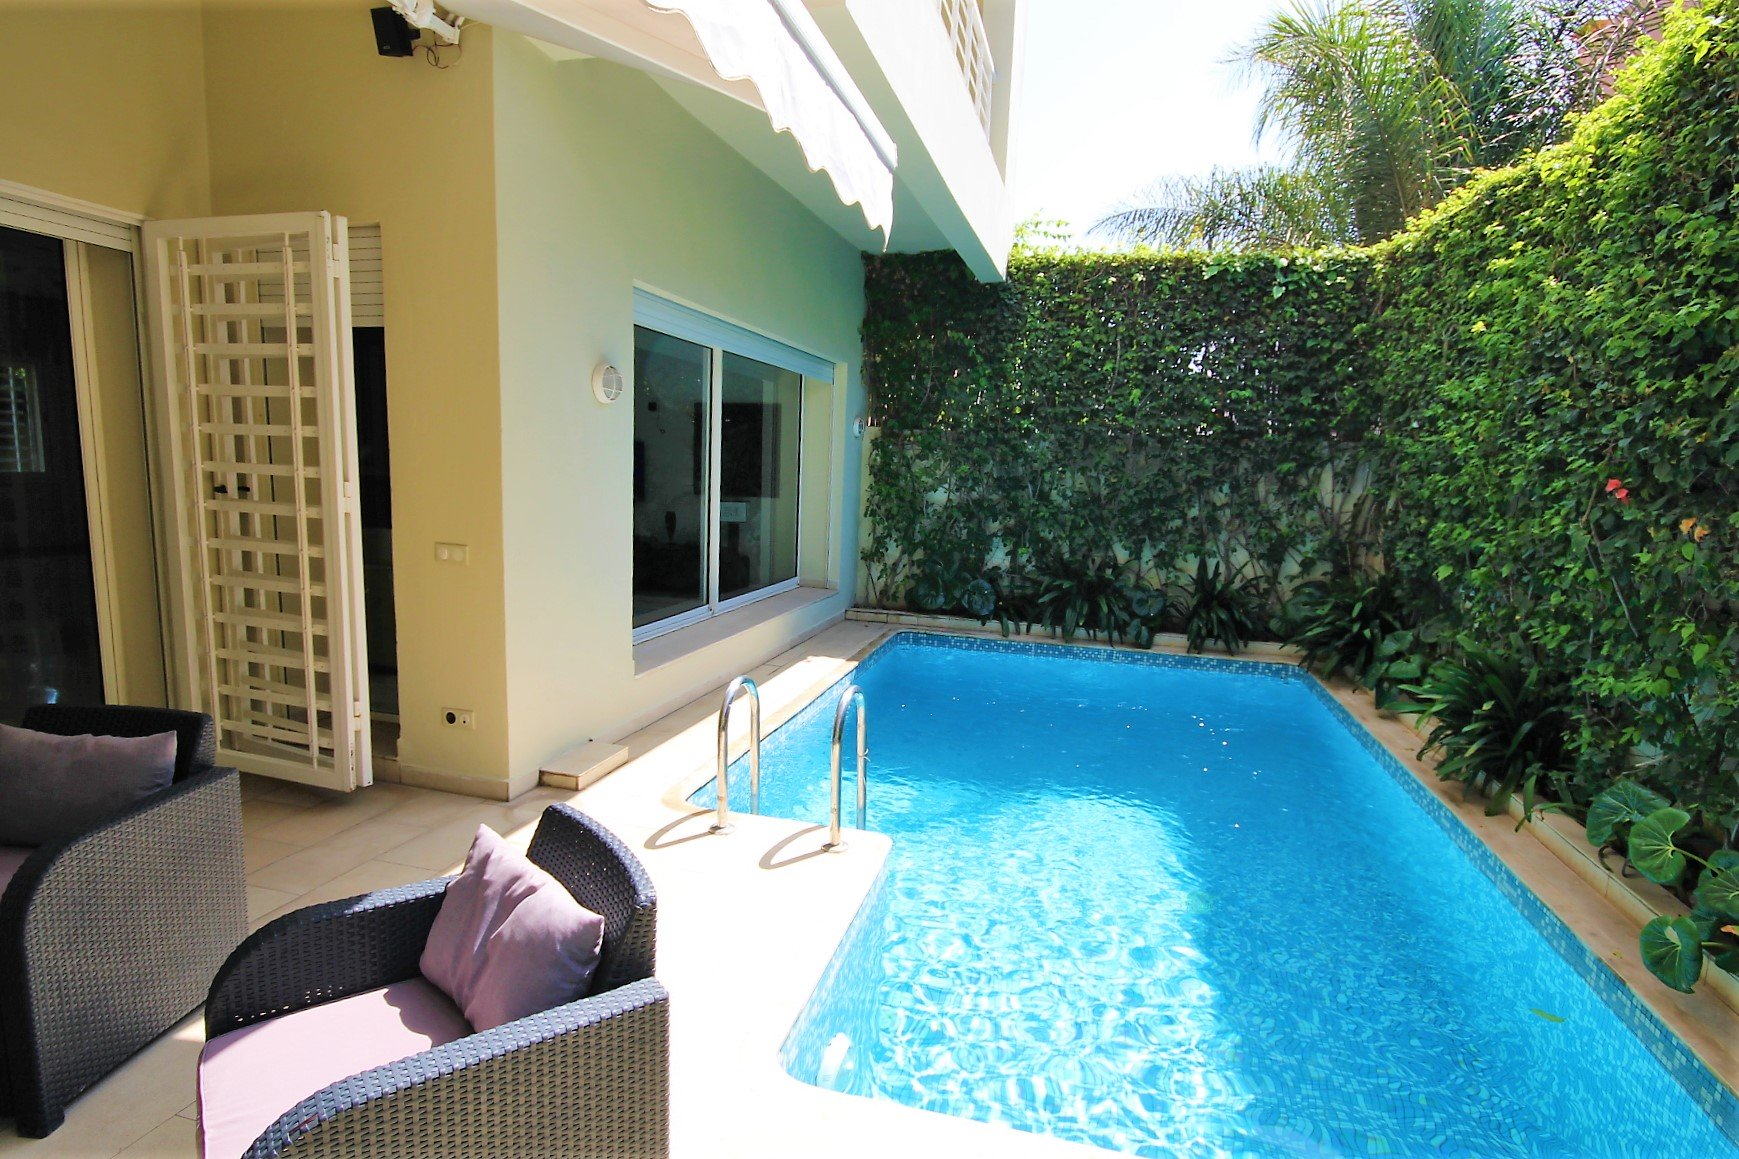 Casablanca Sud (entre Californie et Casa Nearshore),Villa moderne de 5 chambres à louer vide ou meublée sur surface habitable 400m²